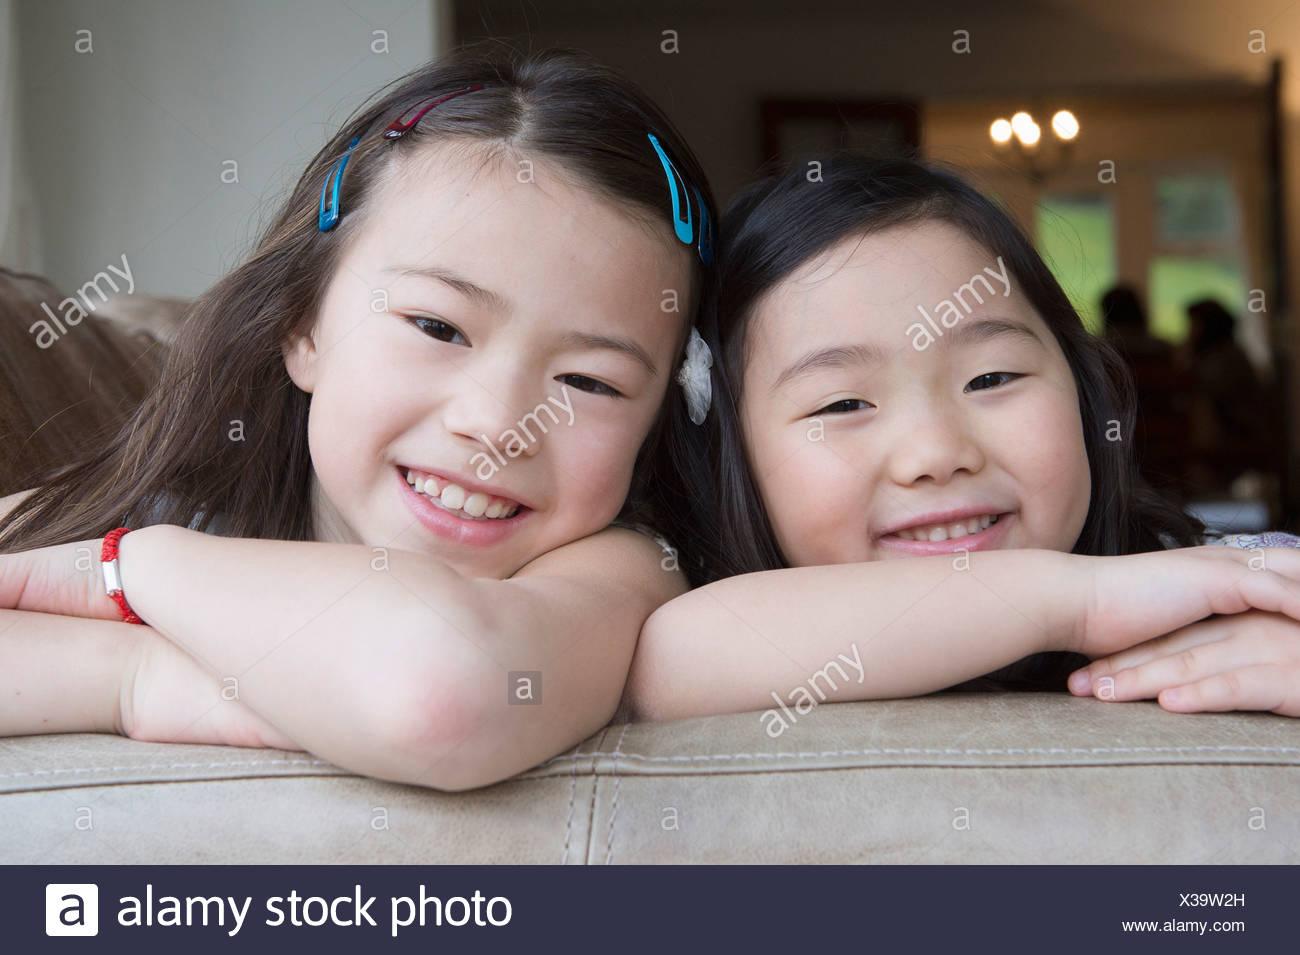 Portrait de deux jeunes filles s'appuyant sur canapé Photo Stock